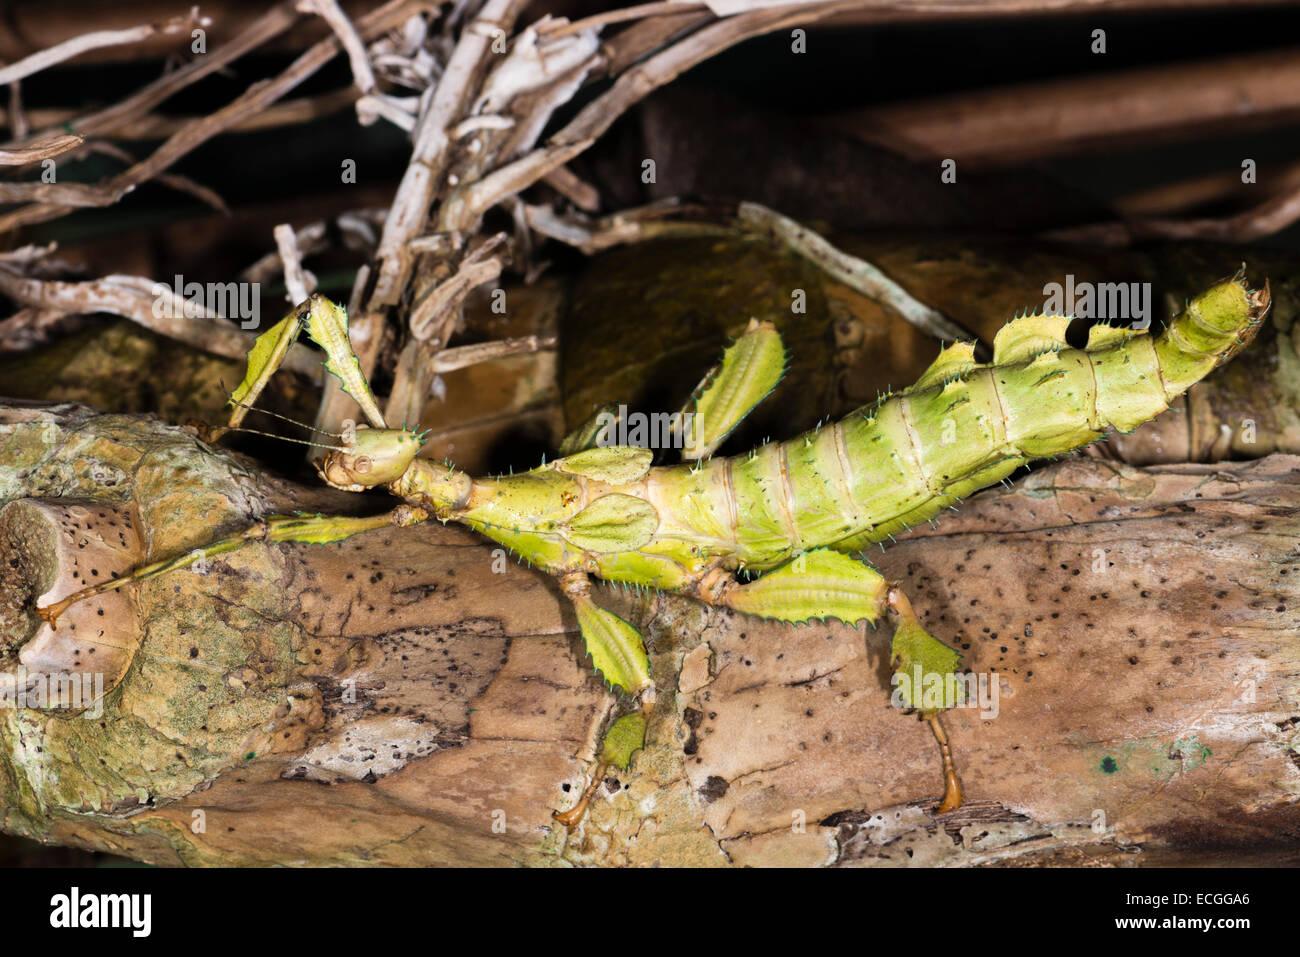 Australia caterpillar found giant xxx similar